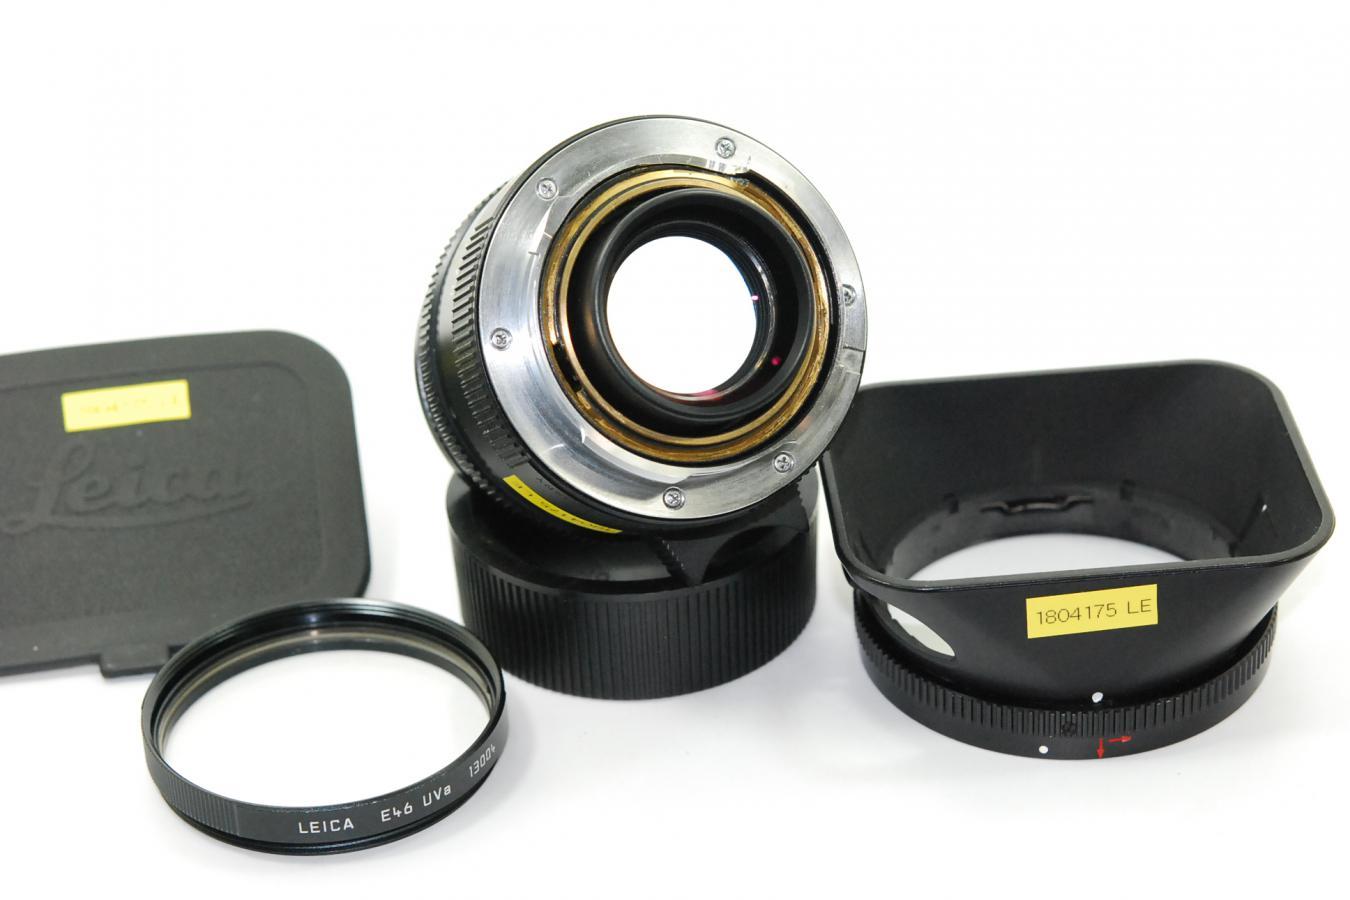 ライカ ズミルックスM 35mm F1.4 ASPH. ブラック 第4世代 【純正フード12589、E46UVa13004フィルター付】